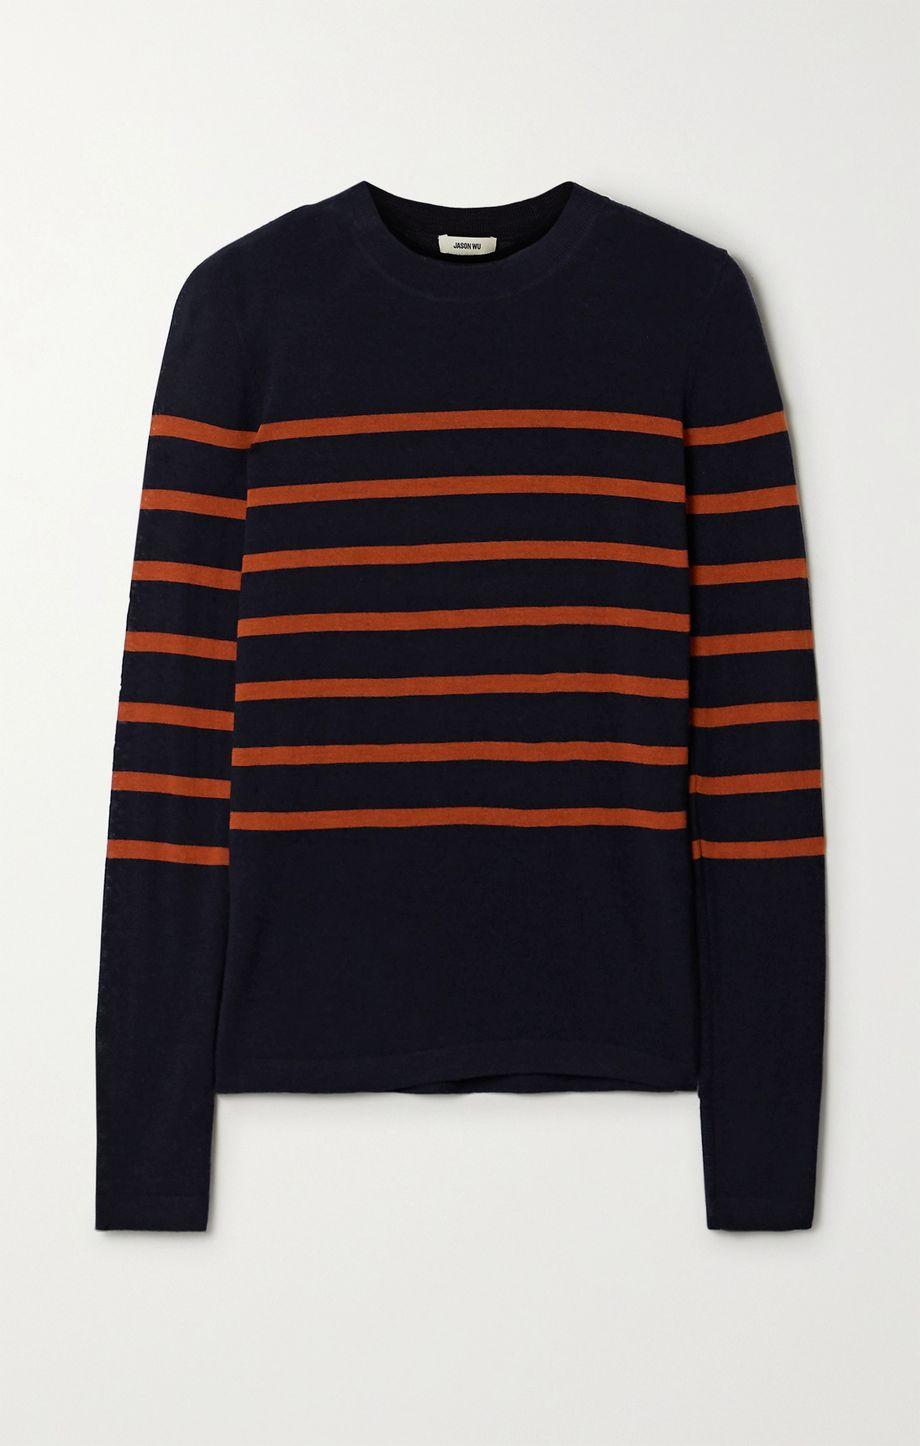 Jason Wu Striped merino wool sweater